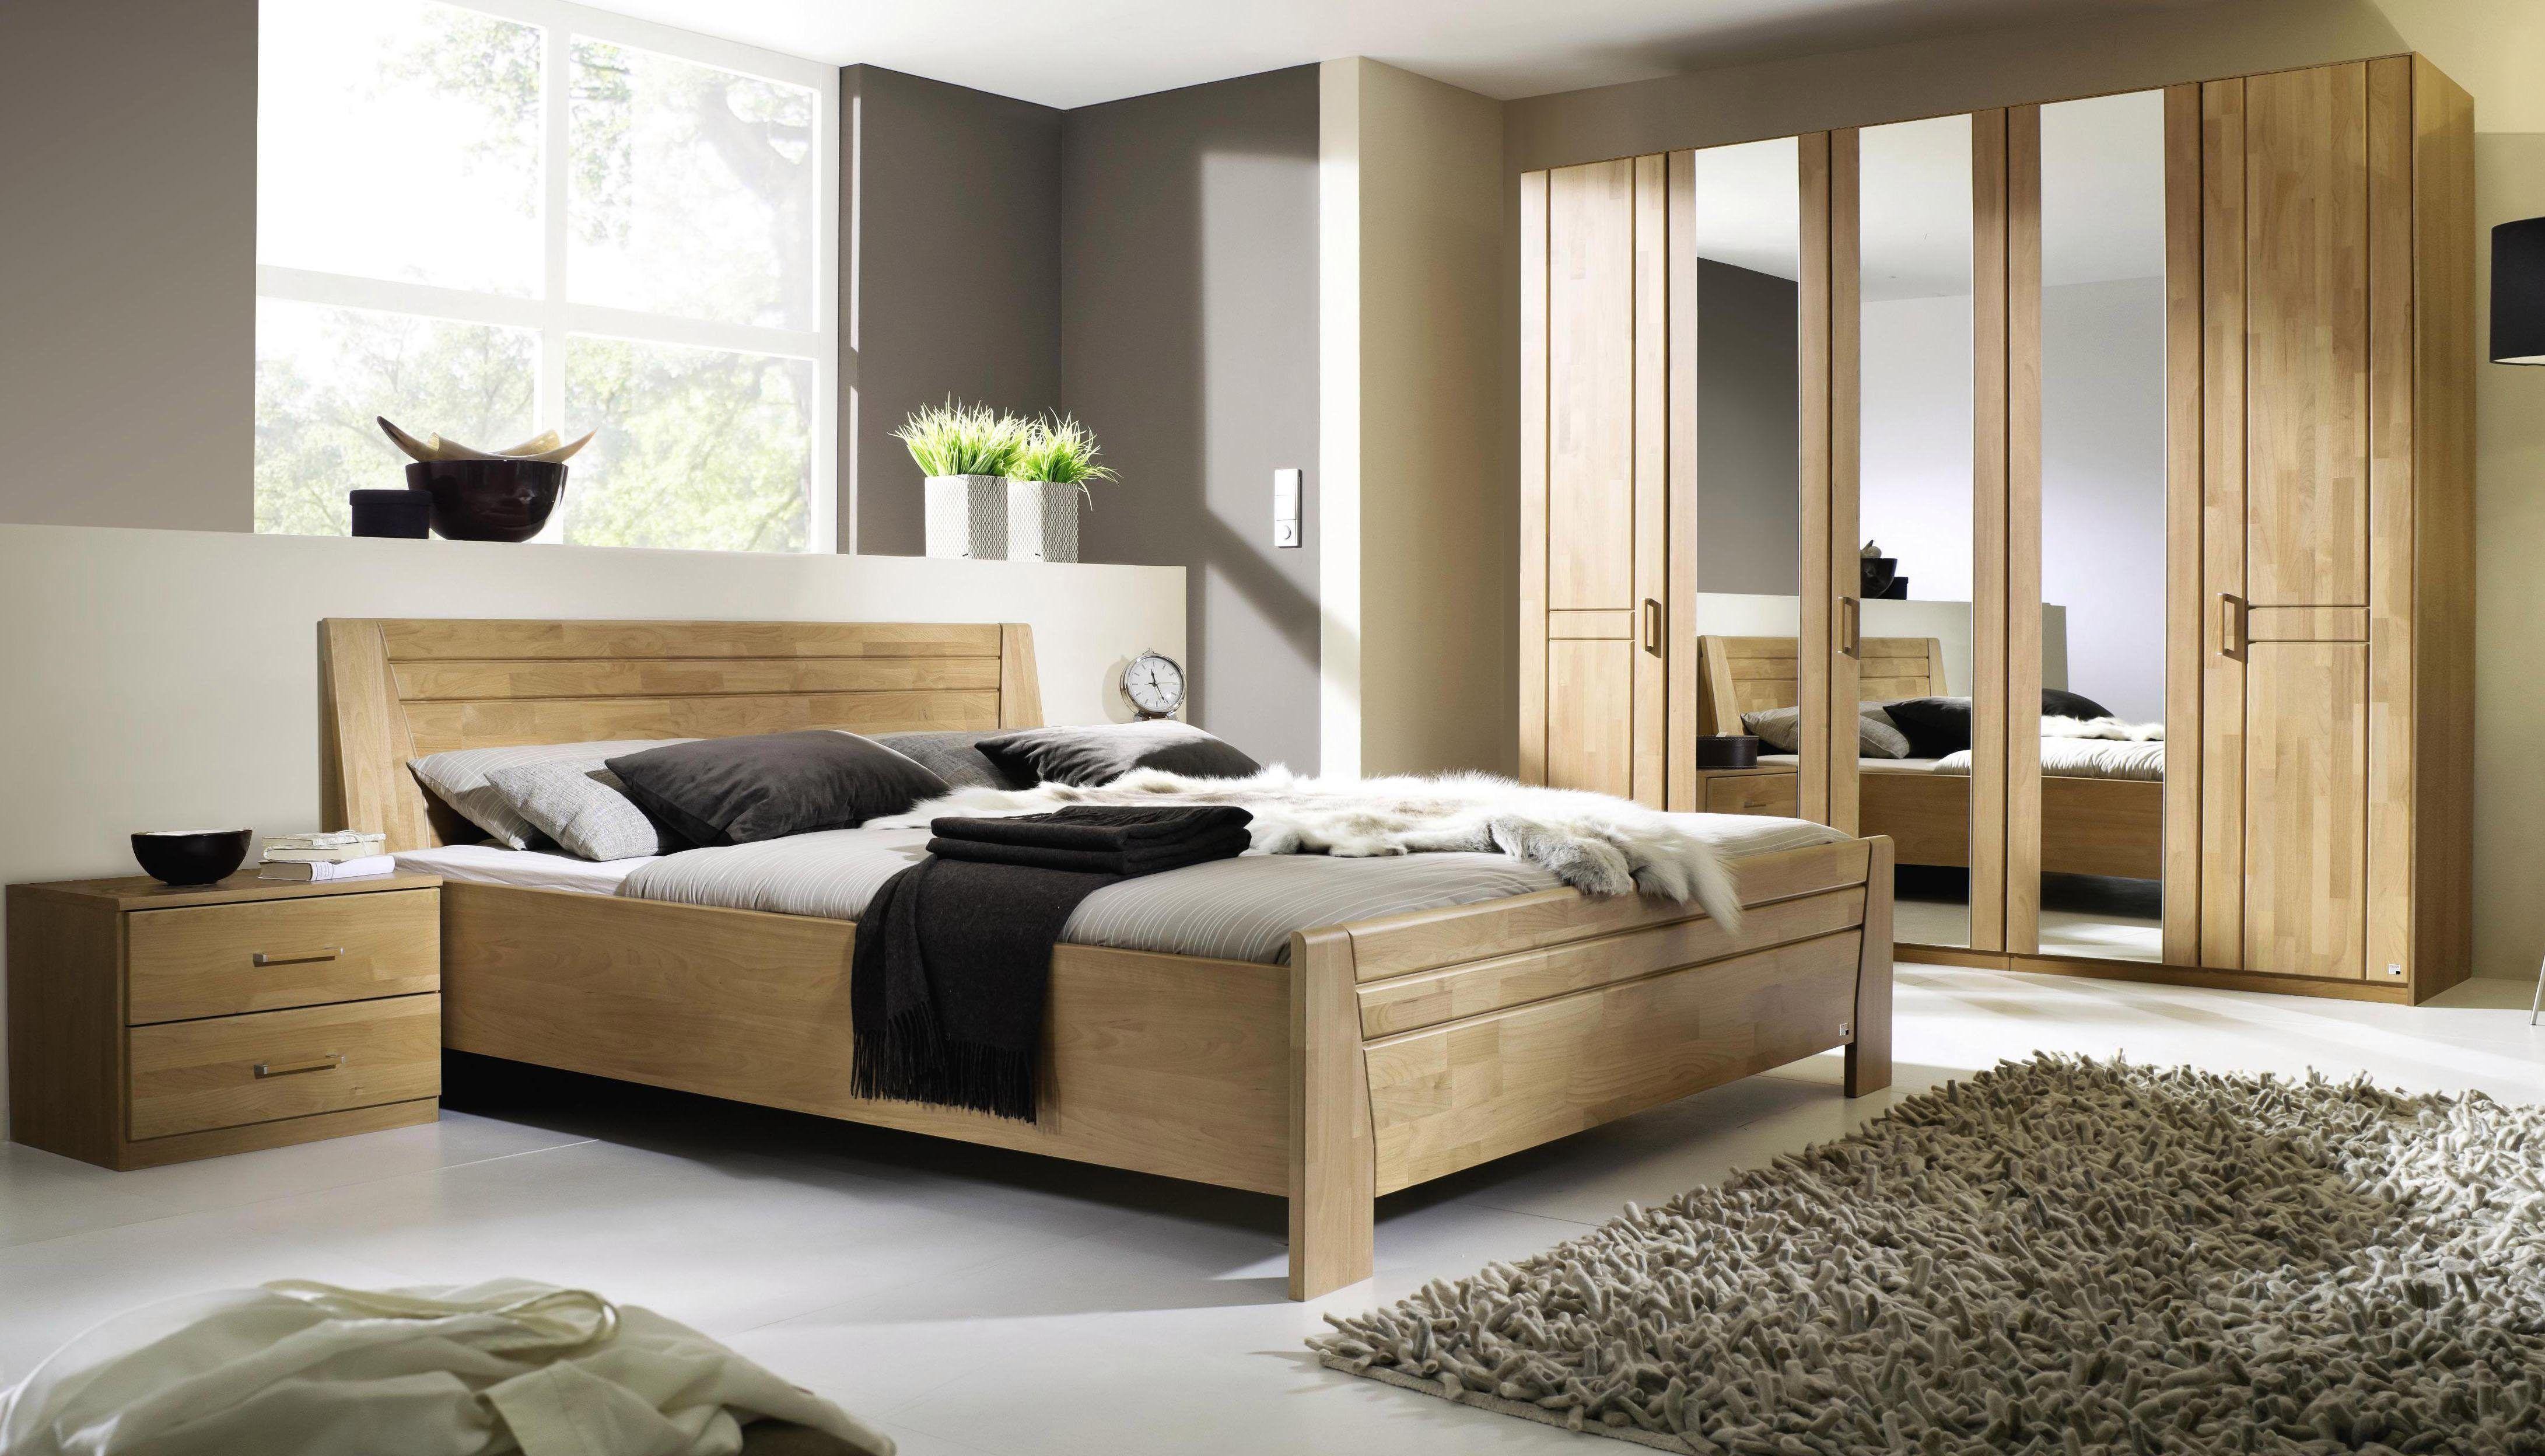 Schlafzimmer Set 4 tlg. Jetzt bestellen unter https//moebel.ladendirekt.de/schlafzimmer ...